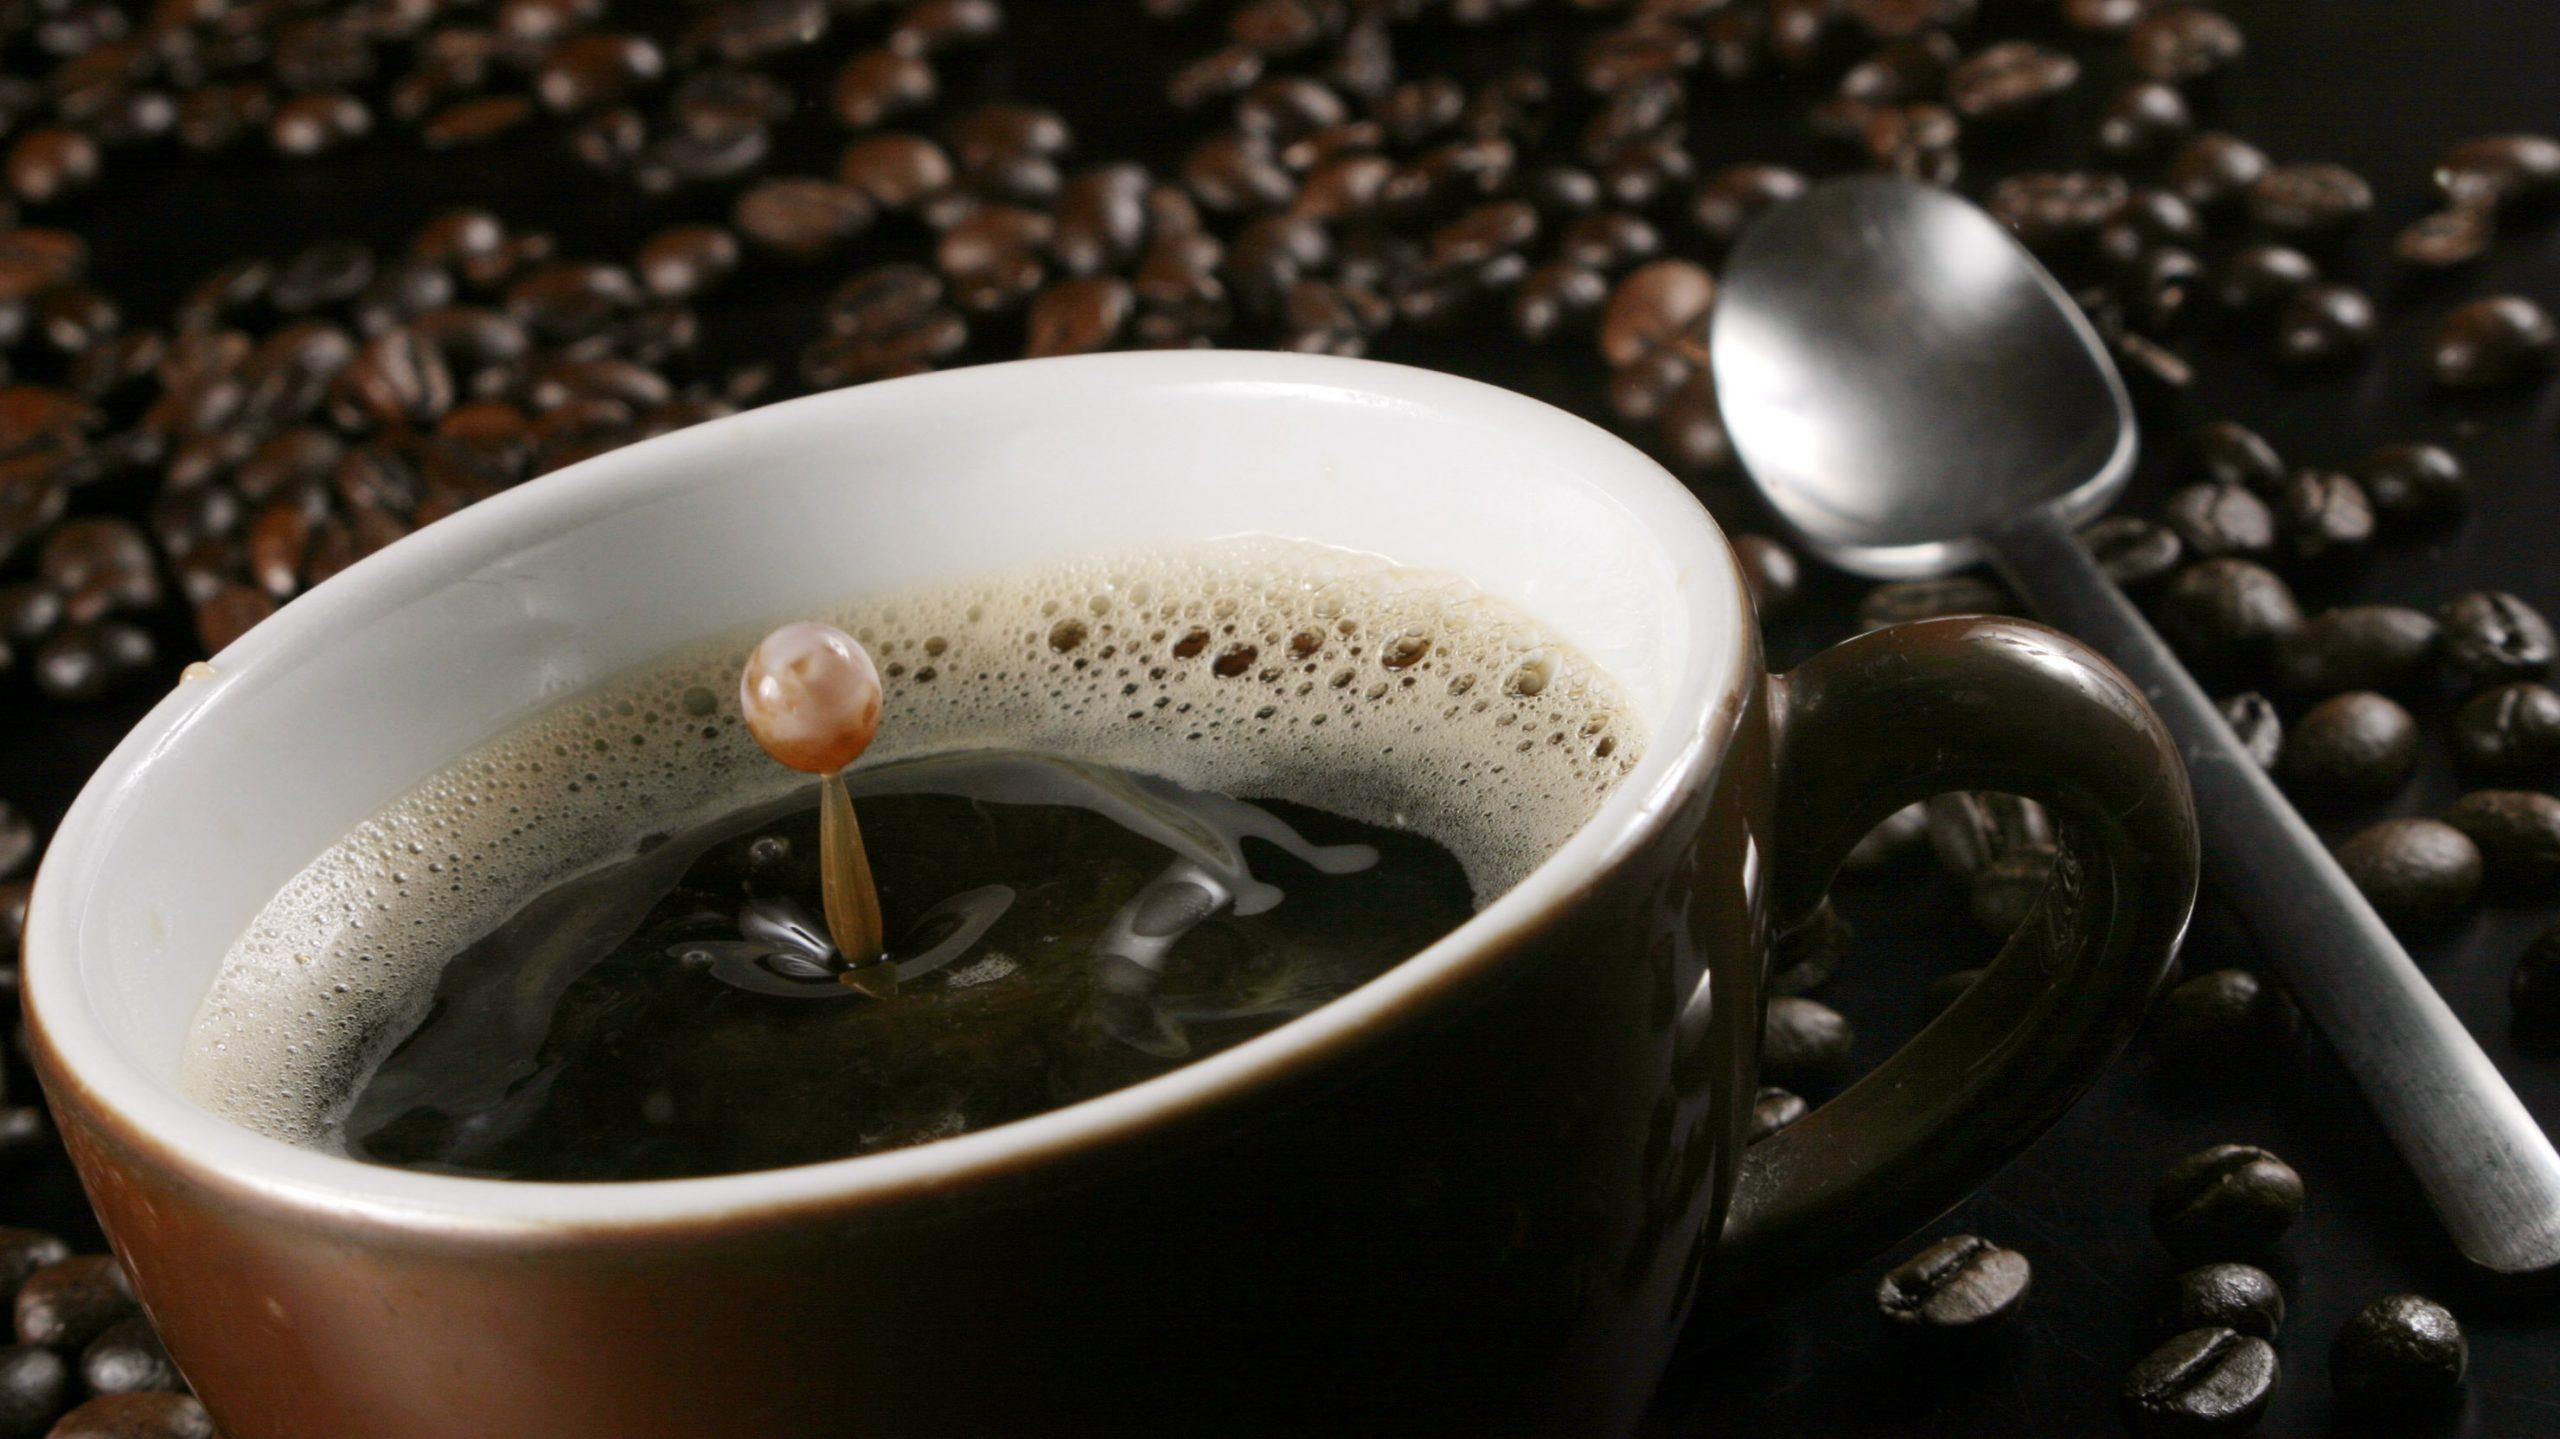 Beneficios del café para la salud y cuando no tomarlo - Prensa Libre